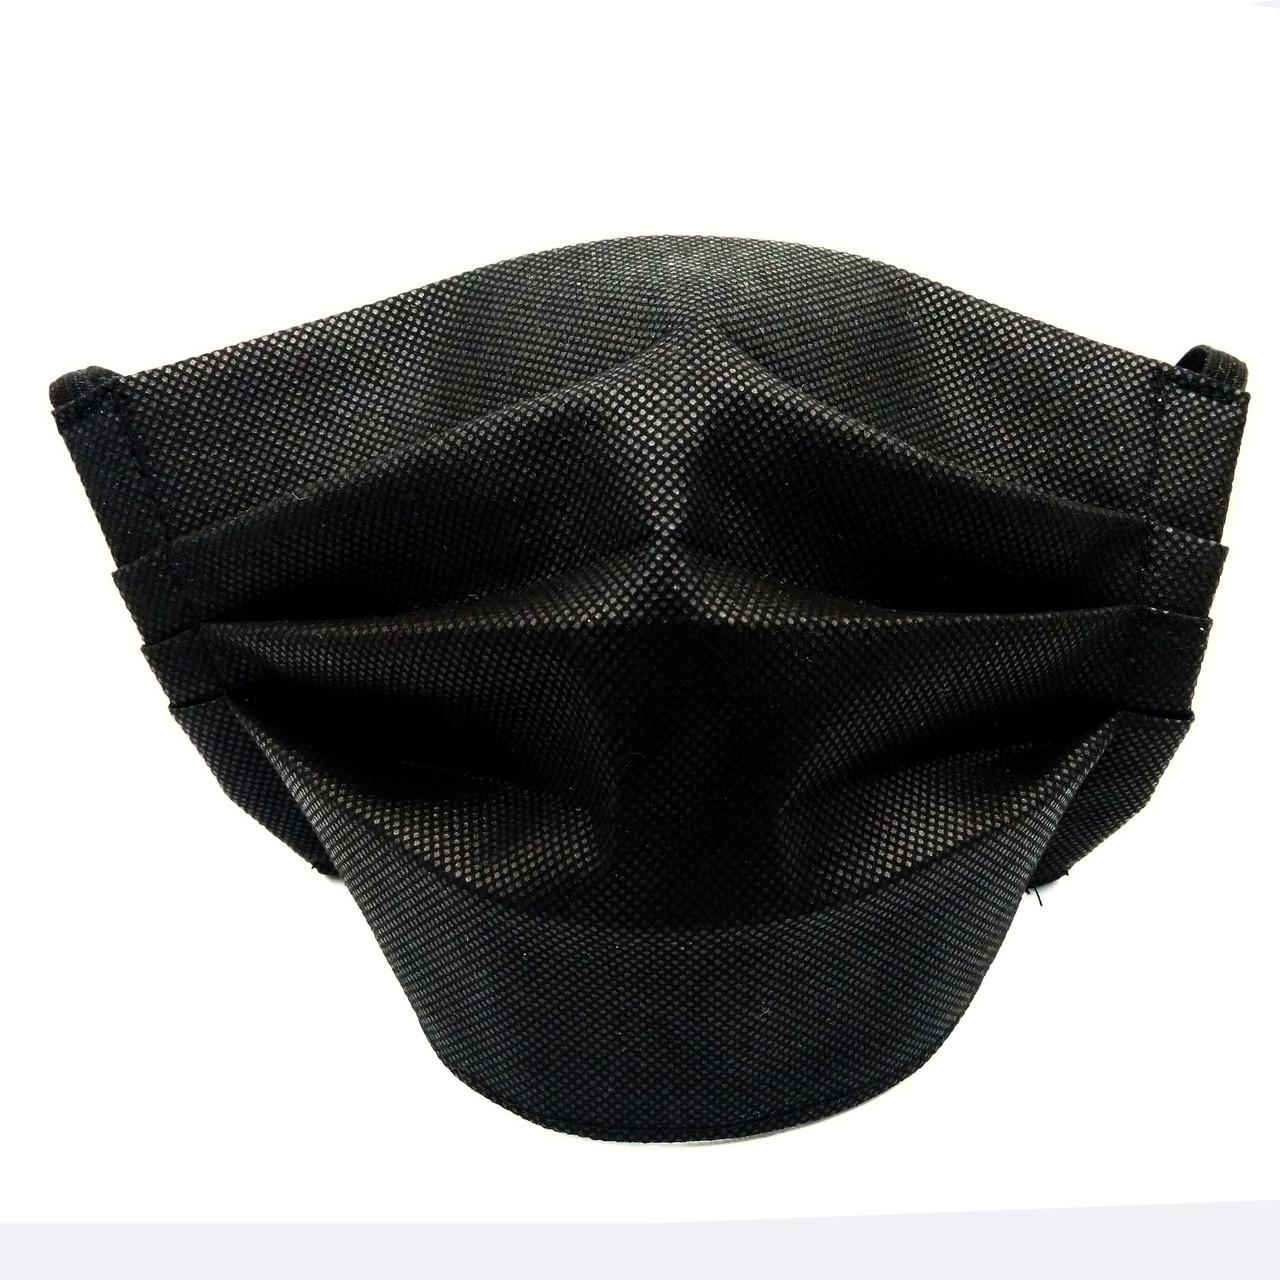 Медицинская защитная маска 3 слоя - 1 шт.